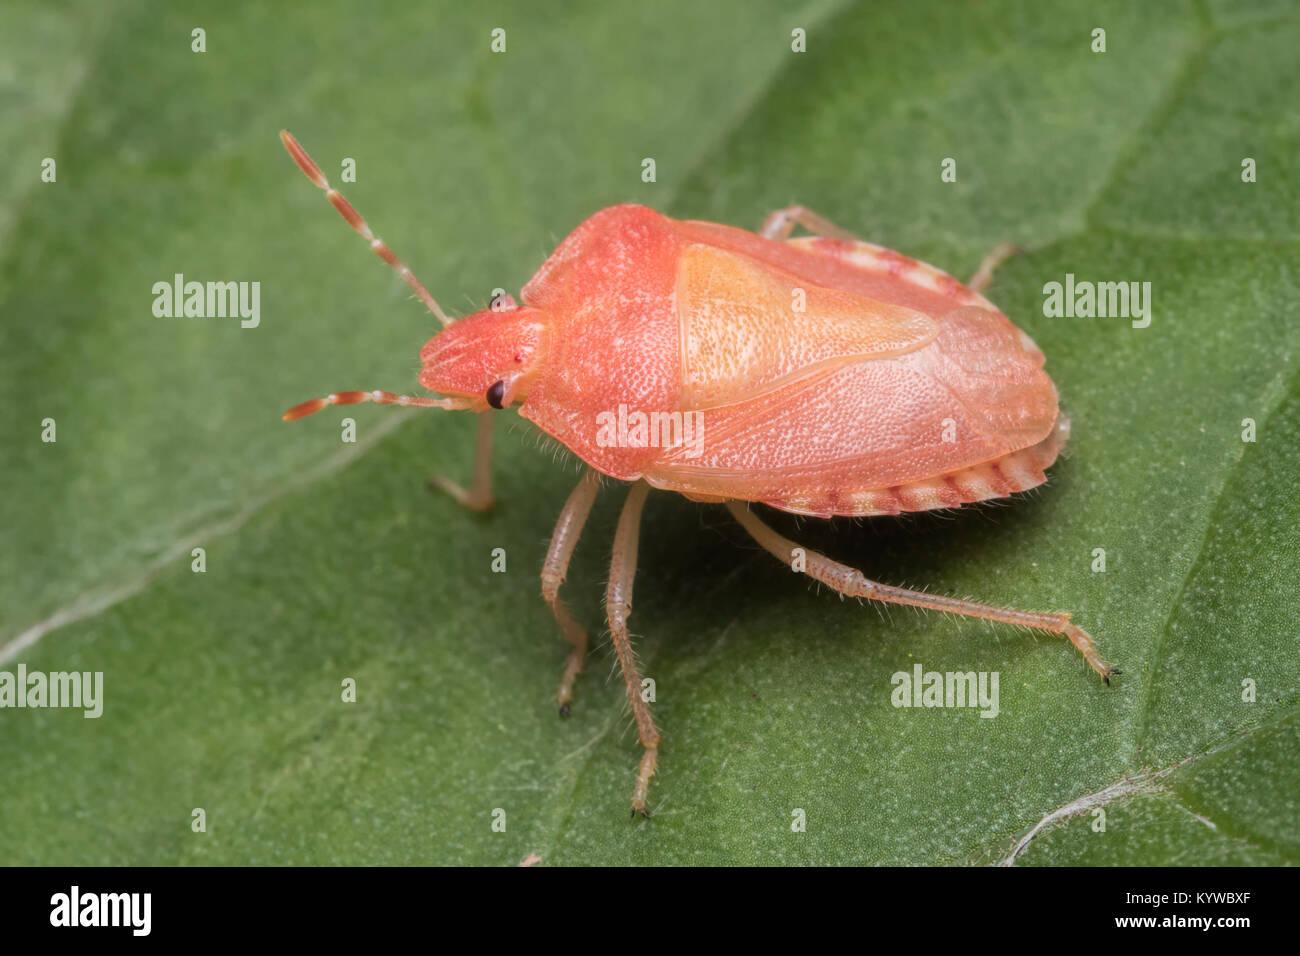 Recién muda adulto Peludo (Dolycoris baccarum Shieldbug) descansando ...